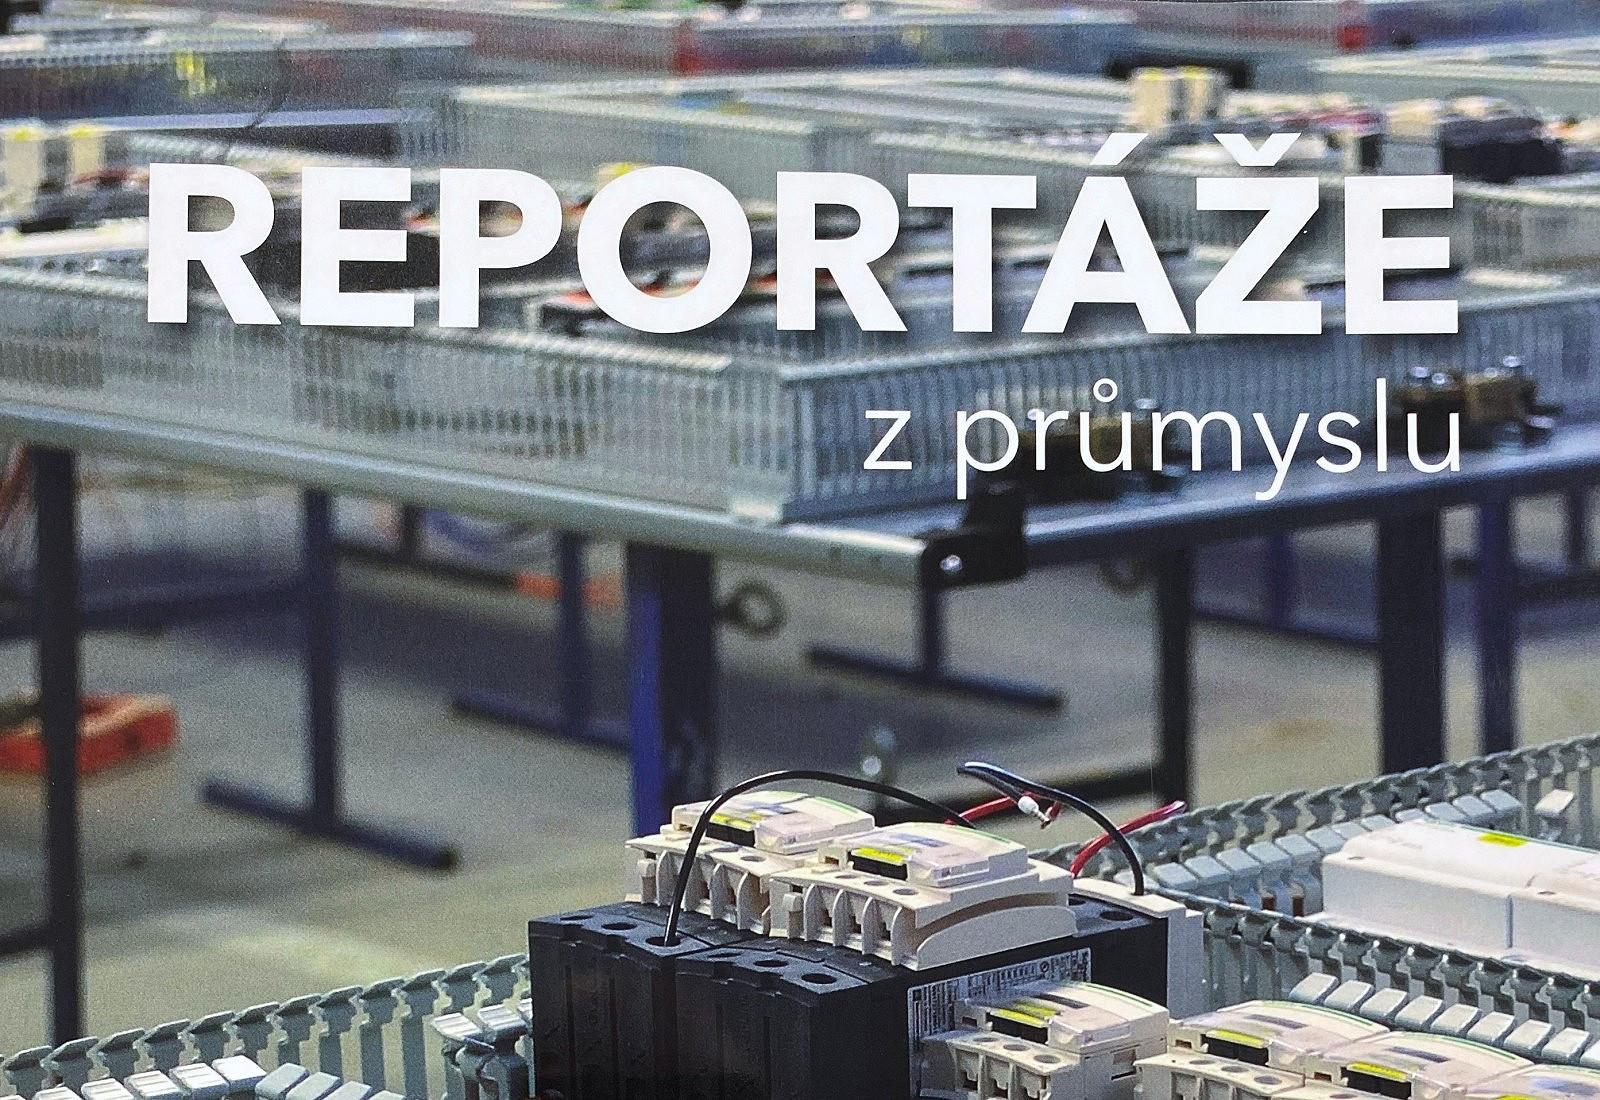 Adrian Kovalyk pre český magazín Reportáže z průmyslu: Hlavným cieľom VUJE je bezpečnosť